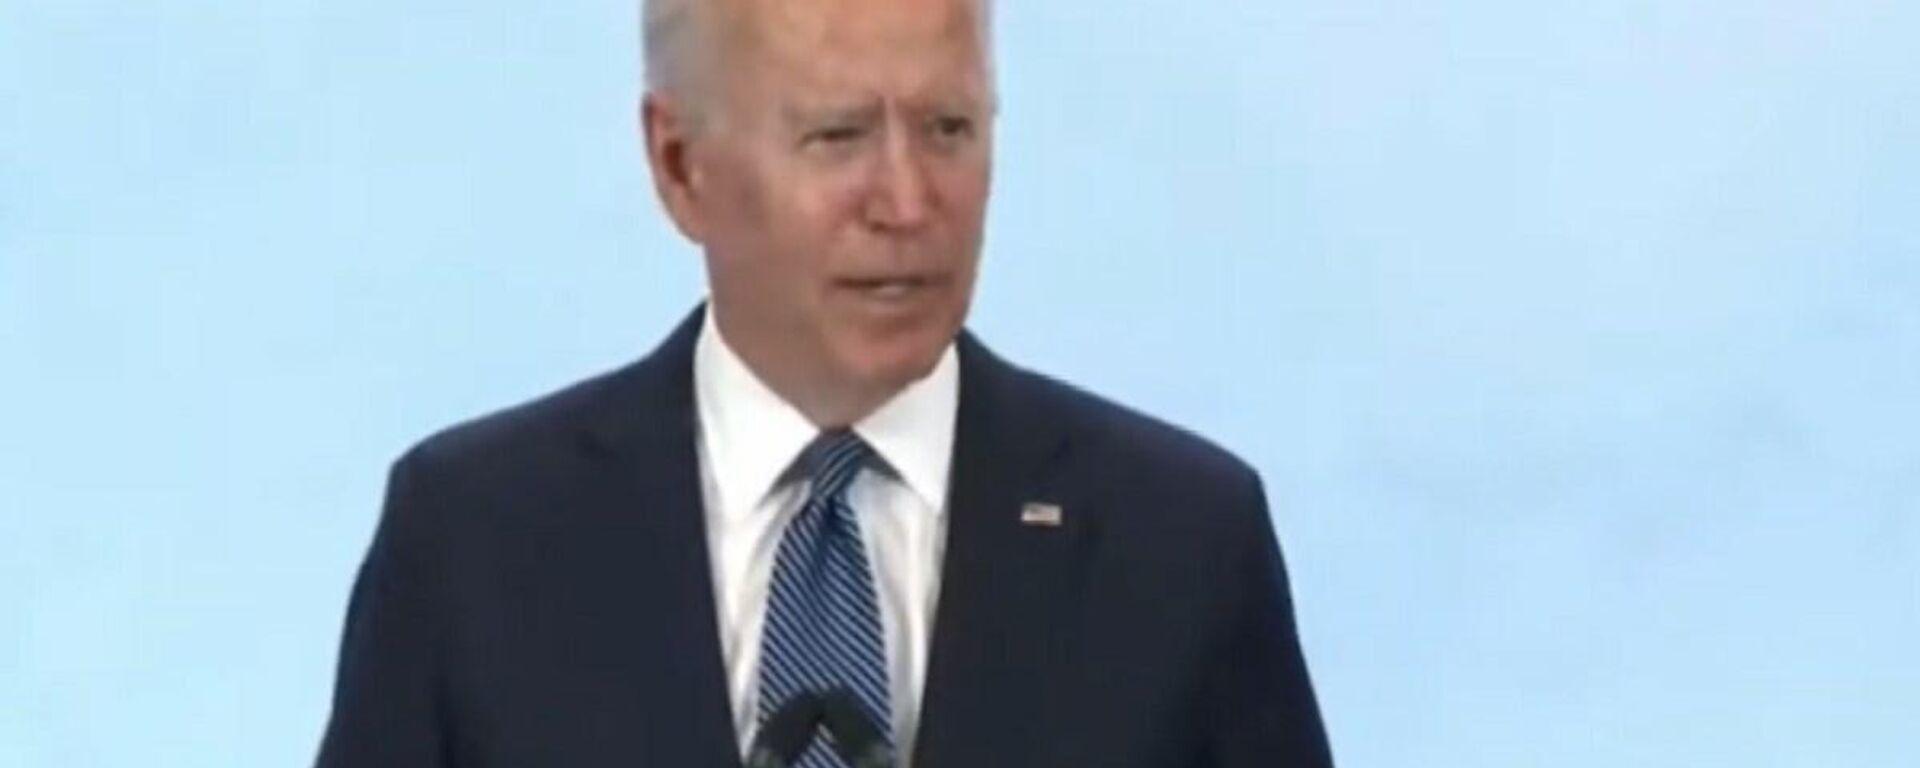 Biden confonde la Libia e la Siria durante discorso su Russia - Sputnik Italia, 1920, 14.06.2021